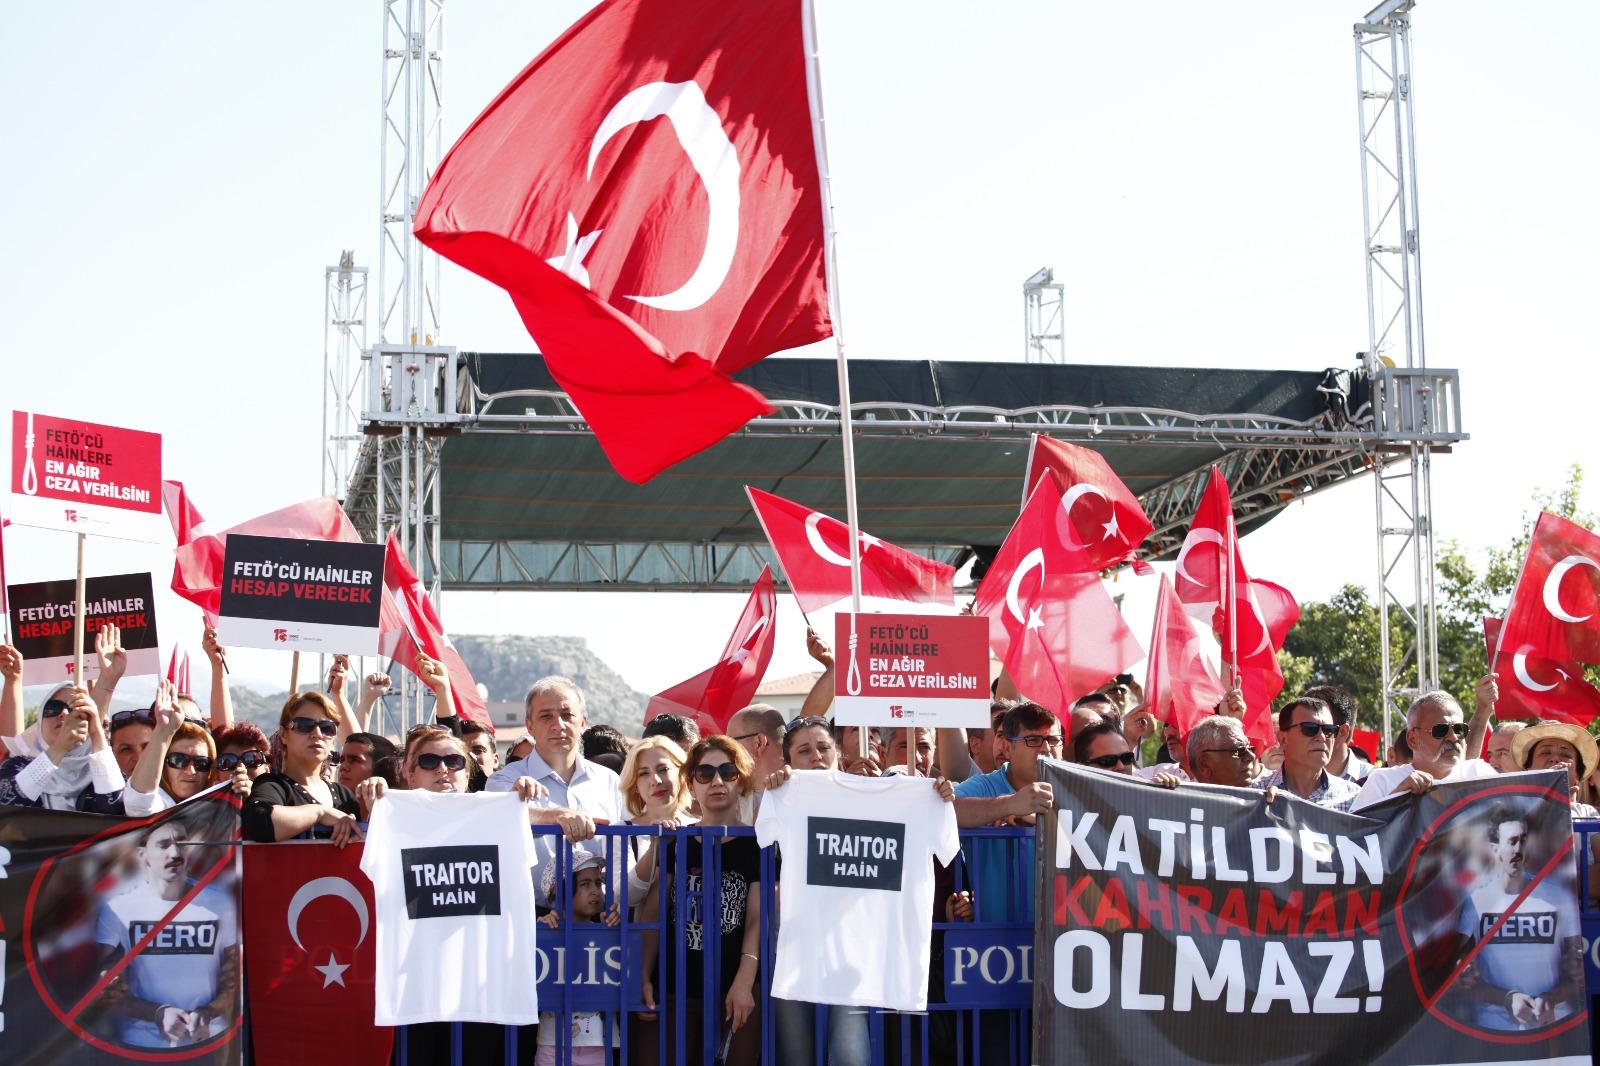 Cumhurbaşkanı Erdoğan'a suikast girişimi davasında karar açıklandı